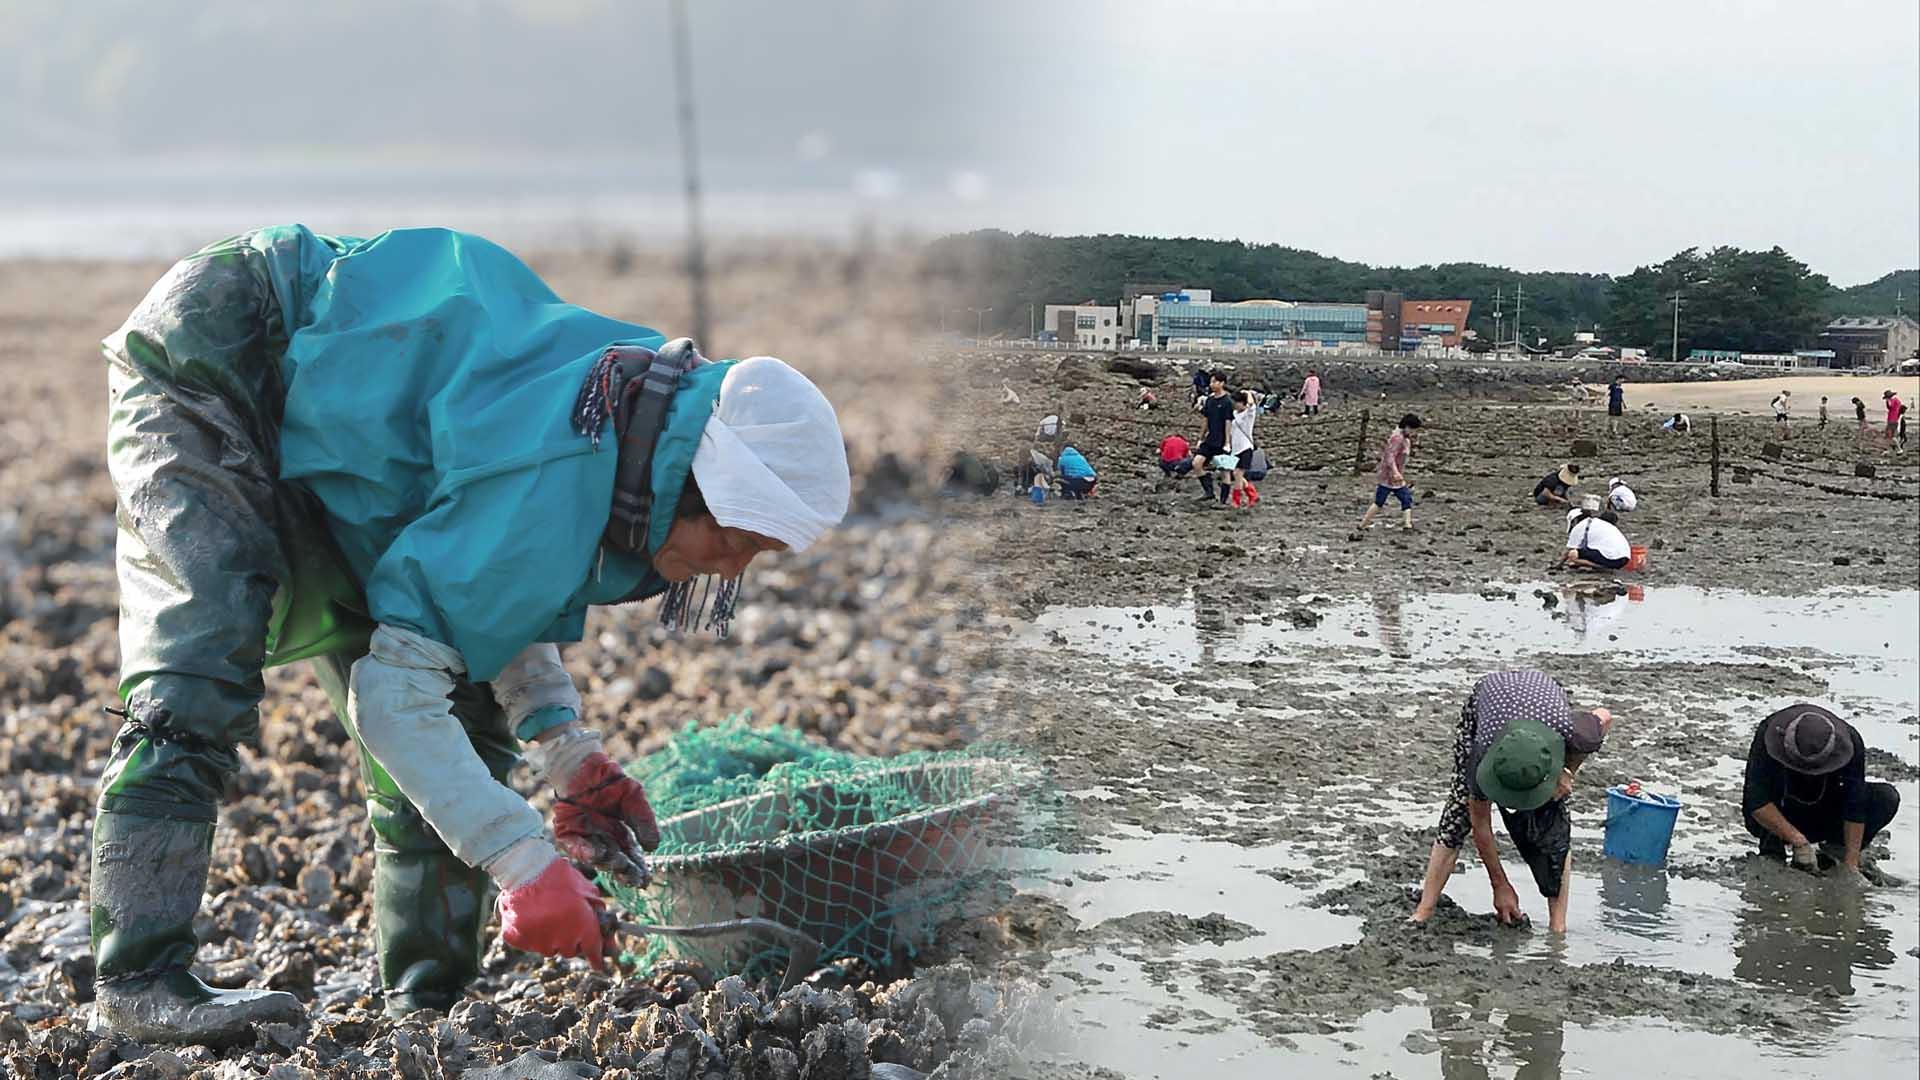 갯마을의 하루는?…'갯벌 어로' 무형문화재 된다